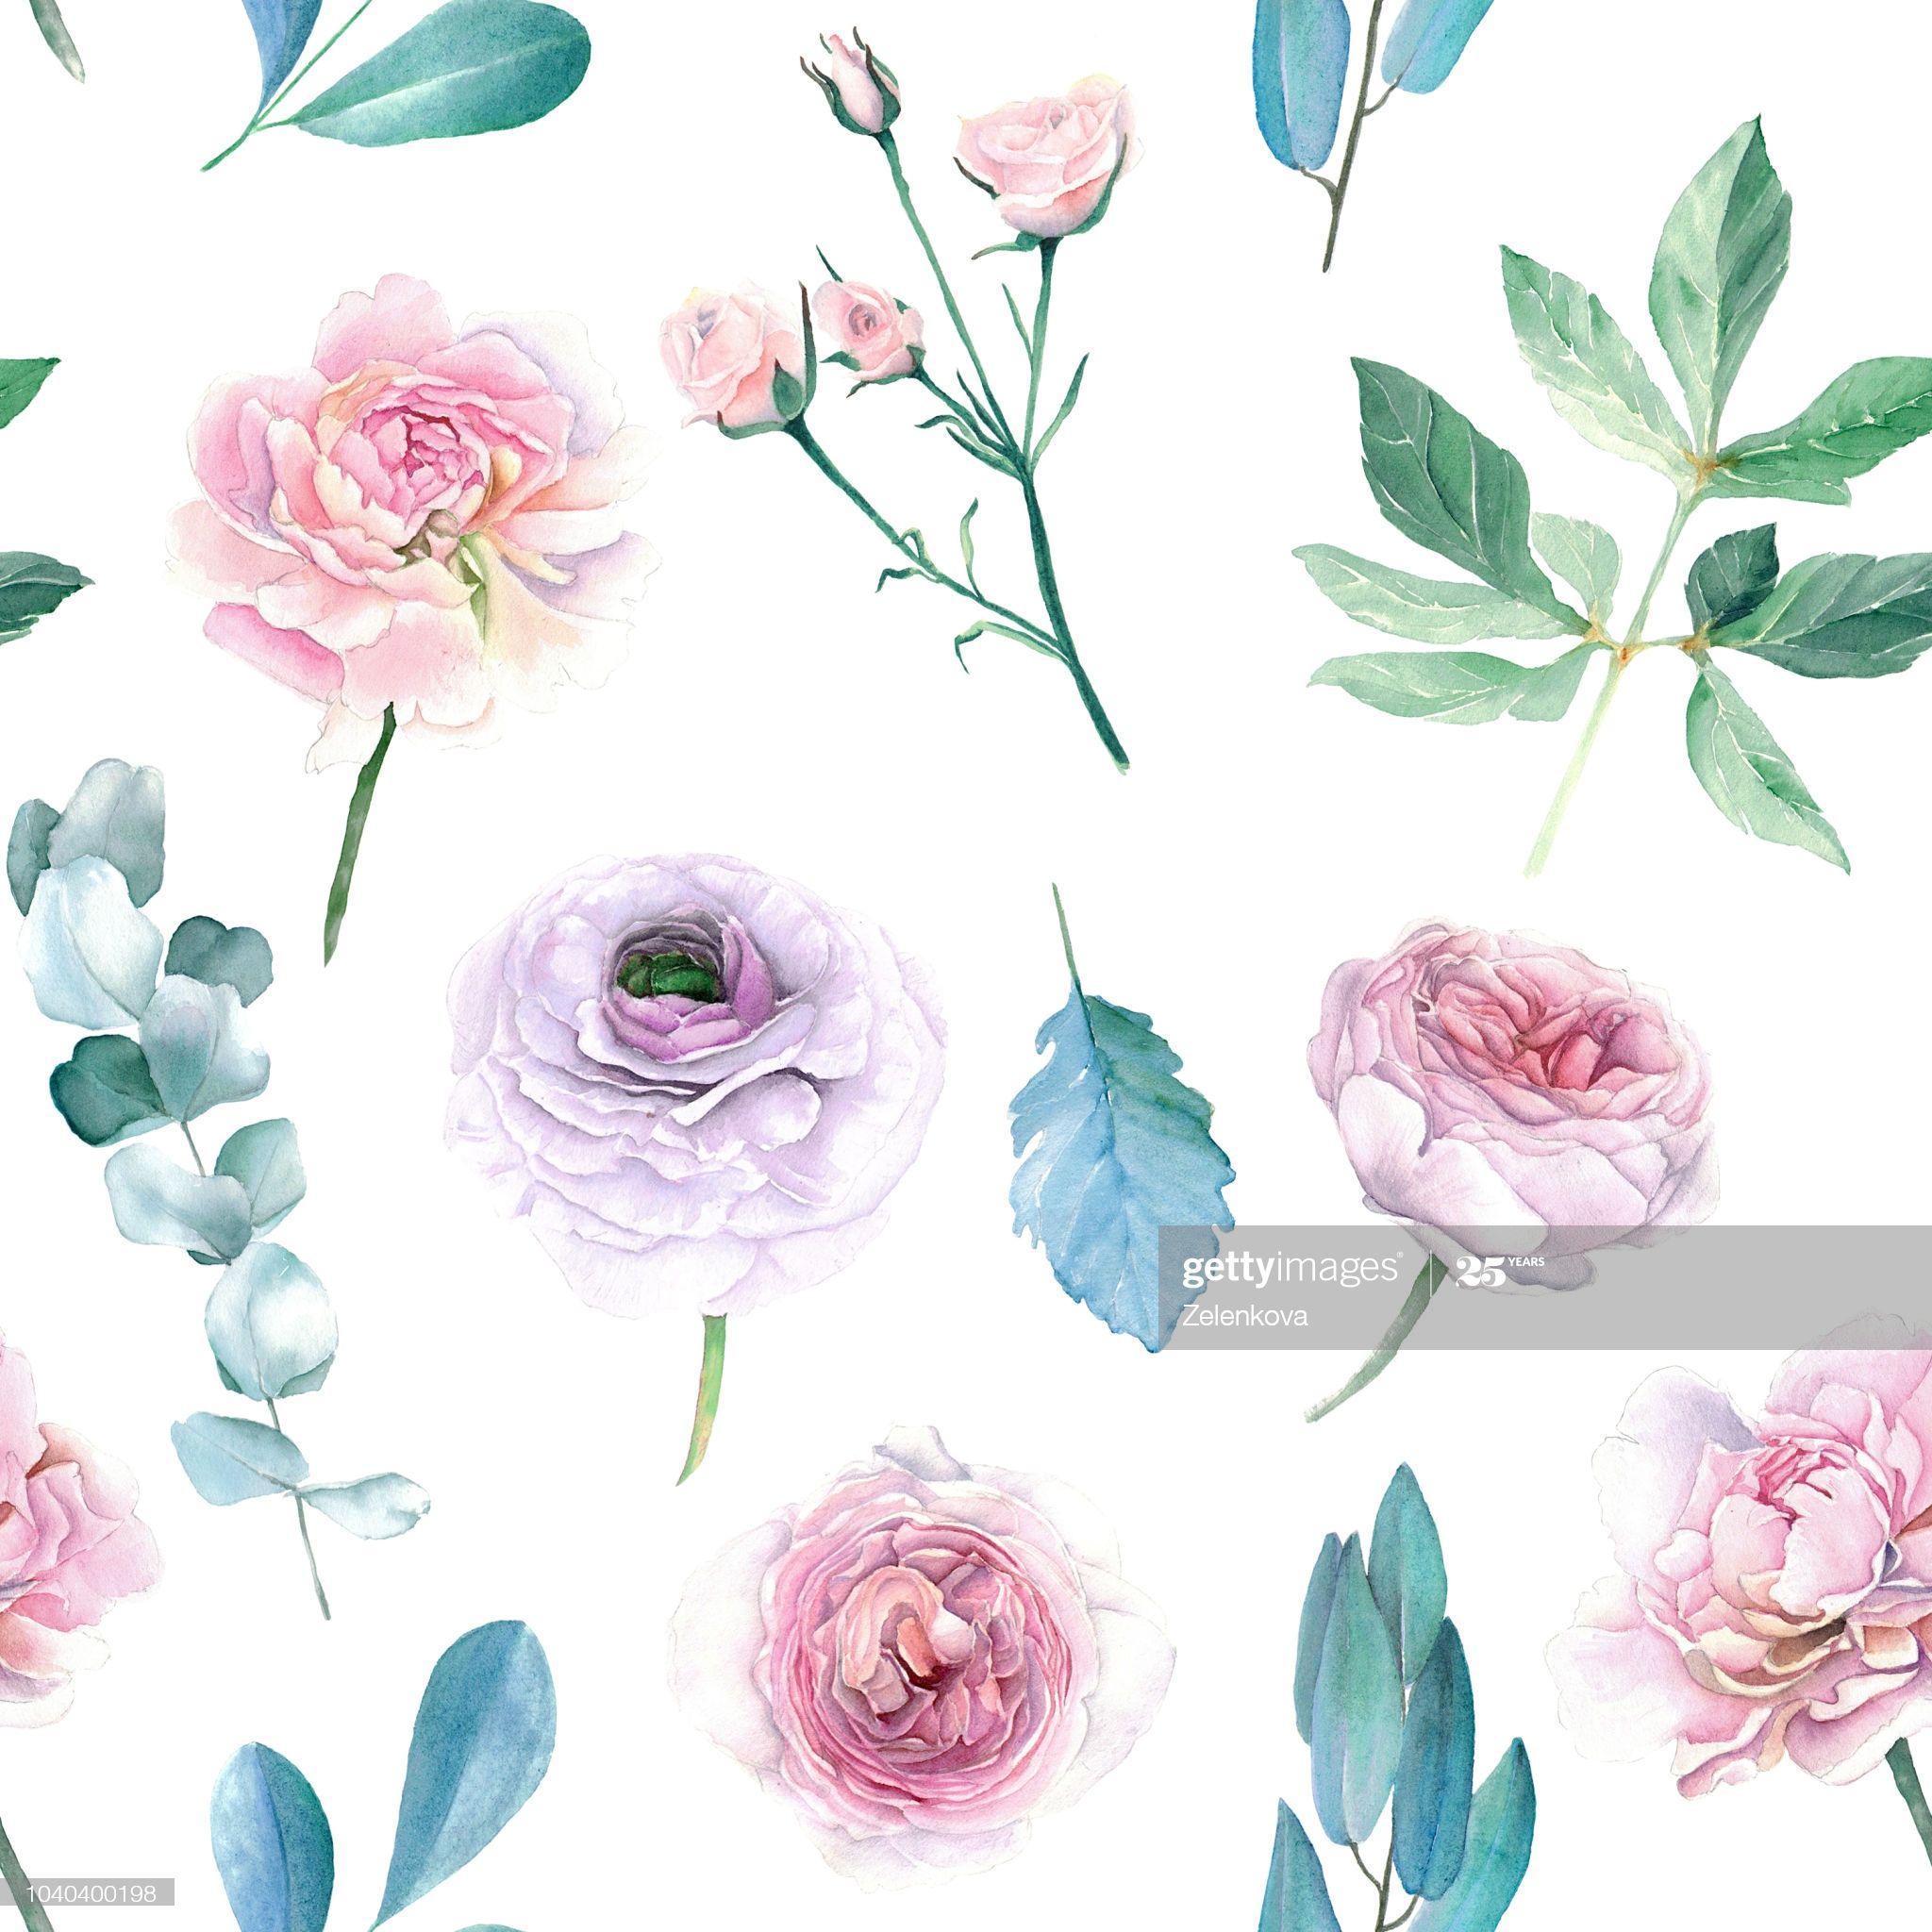 Stock Illustration Aquarell Handgezeichnete Pfingstrosen Und Rosen Nahtlose Muster Blumen Aquarell Handgezeichnete Blumen Blumen Zeichnung